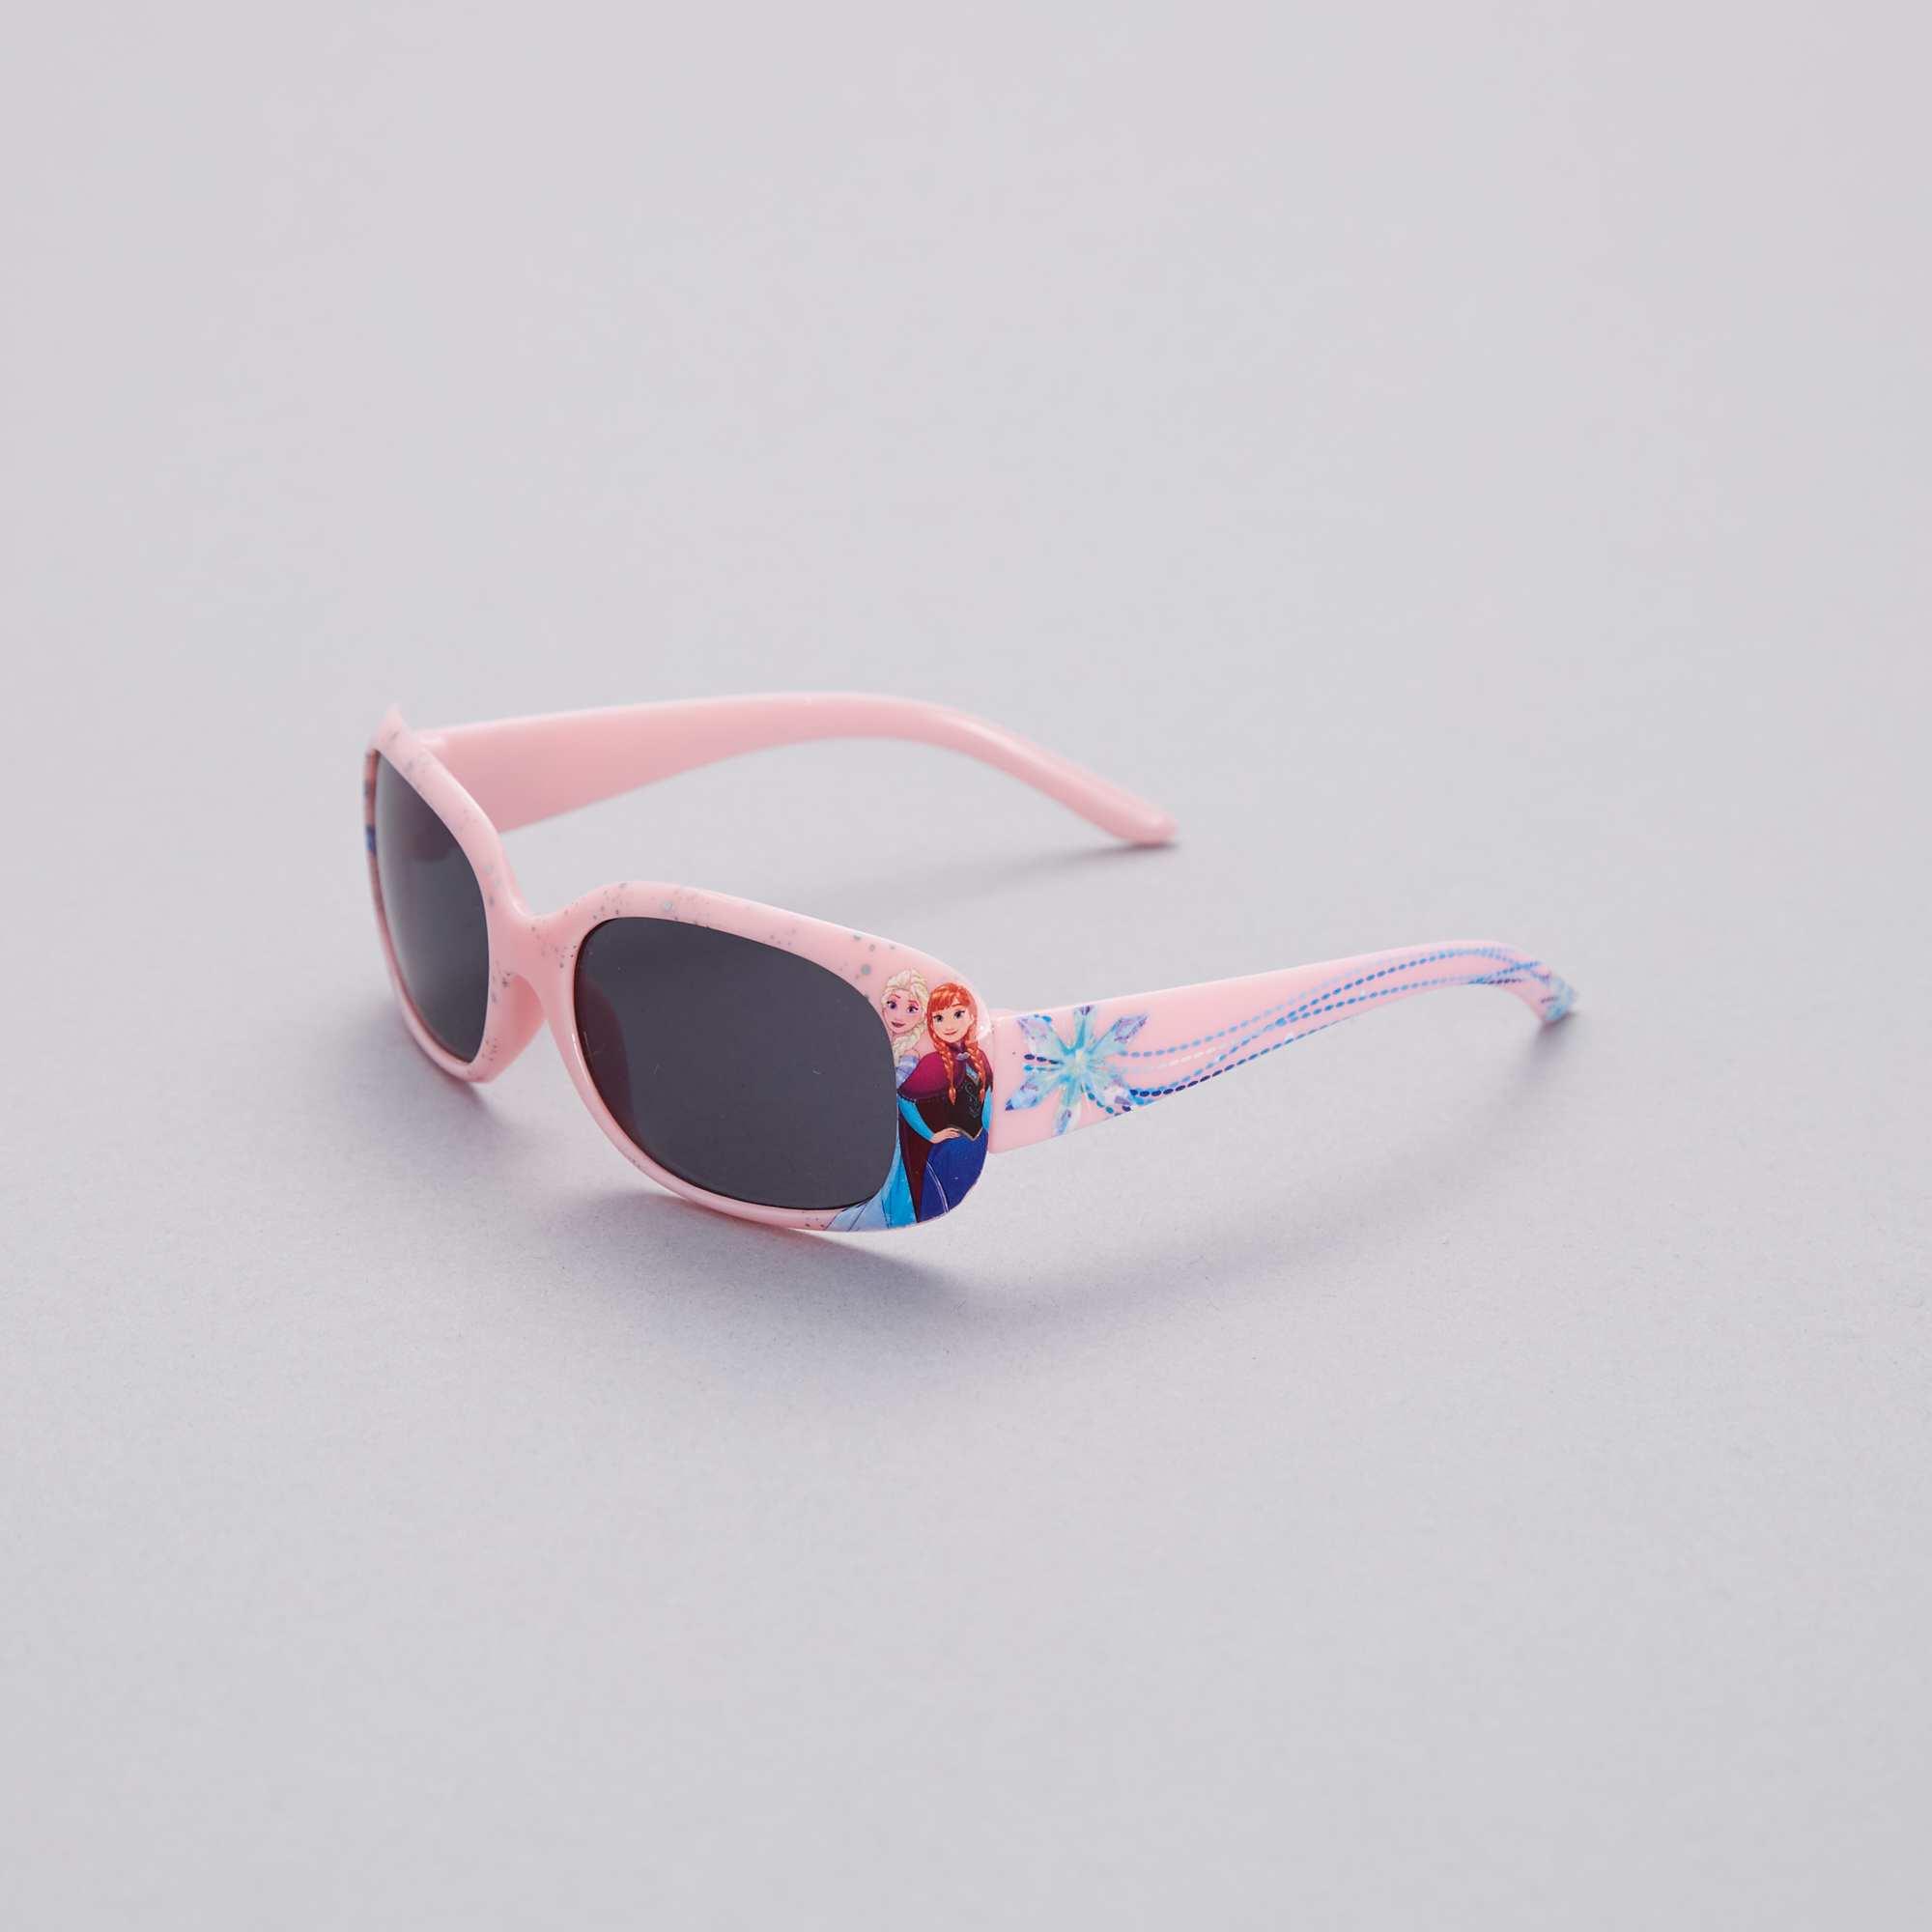 9f01c750e0fbd9 Zonnebril   Frozen  Kinderkleding meisjes - roze - Kiabi - 6